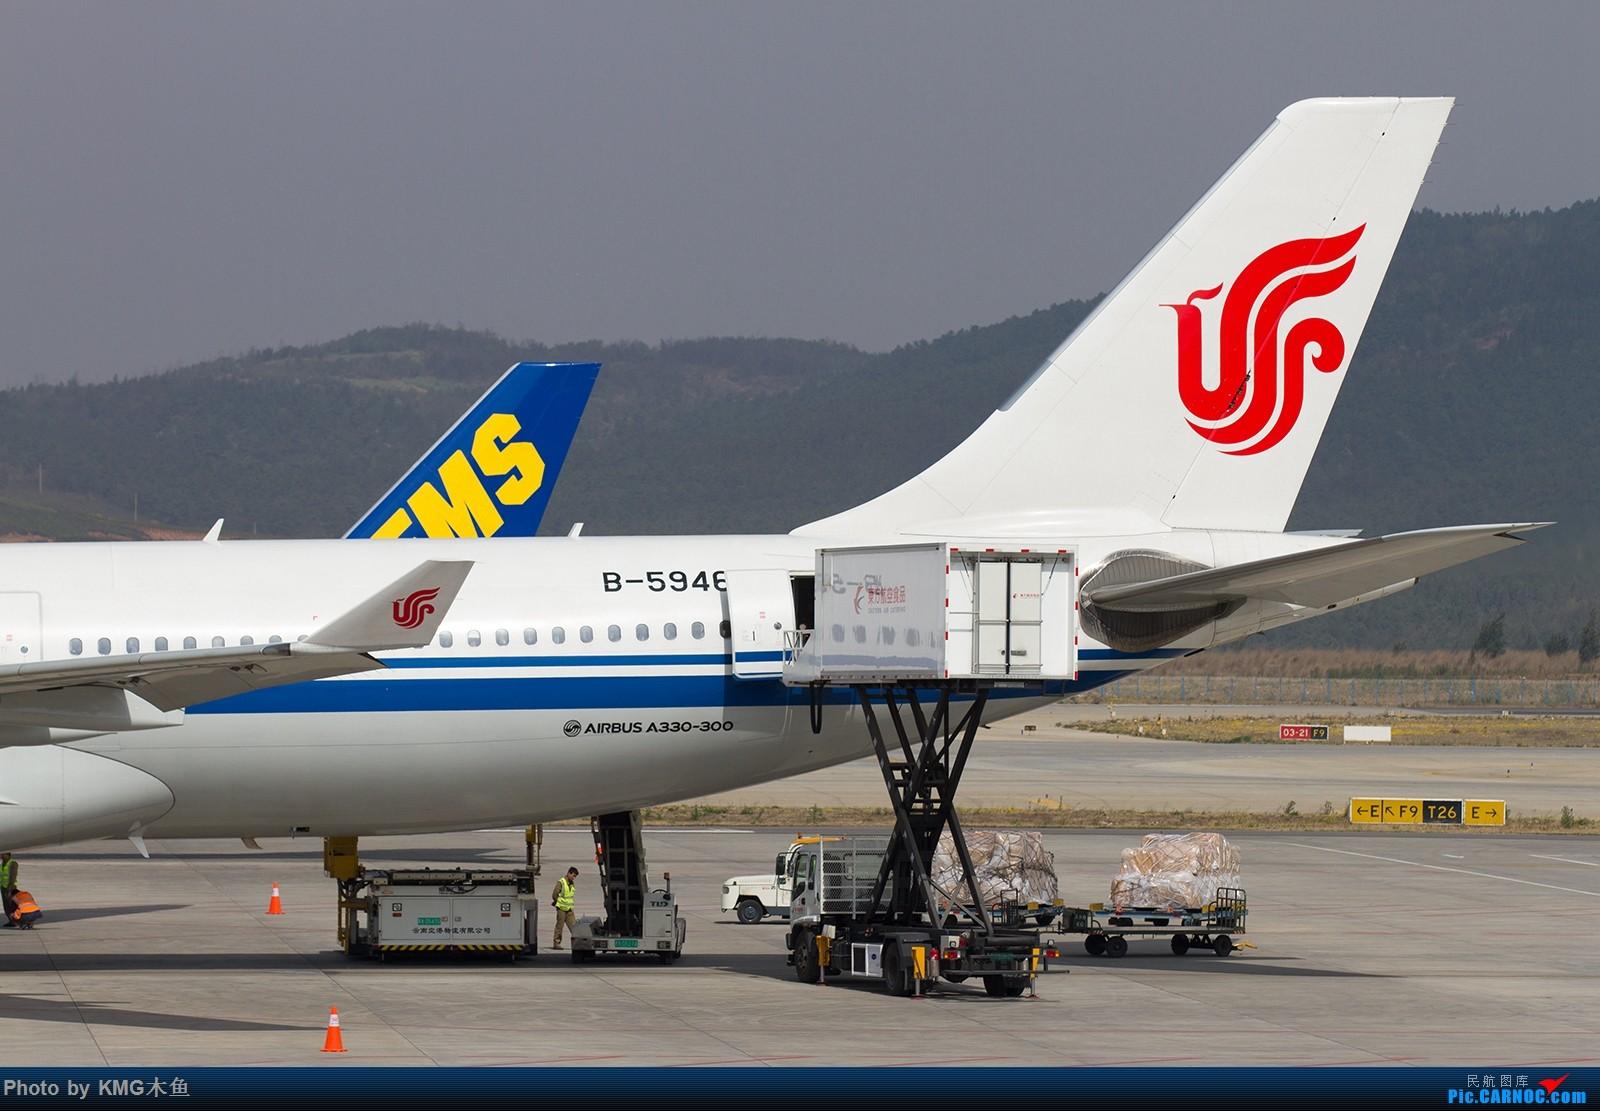 [原创]【昆明长水国际机场——KMG木鱼拍机】发一波库存图 AIRBUS A330-300 B-5946 中国昆明长水国际机场